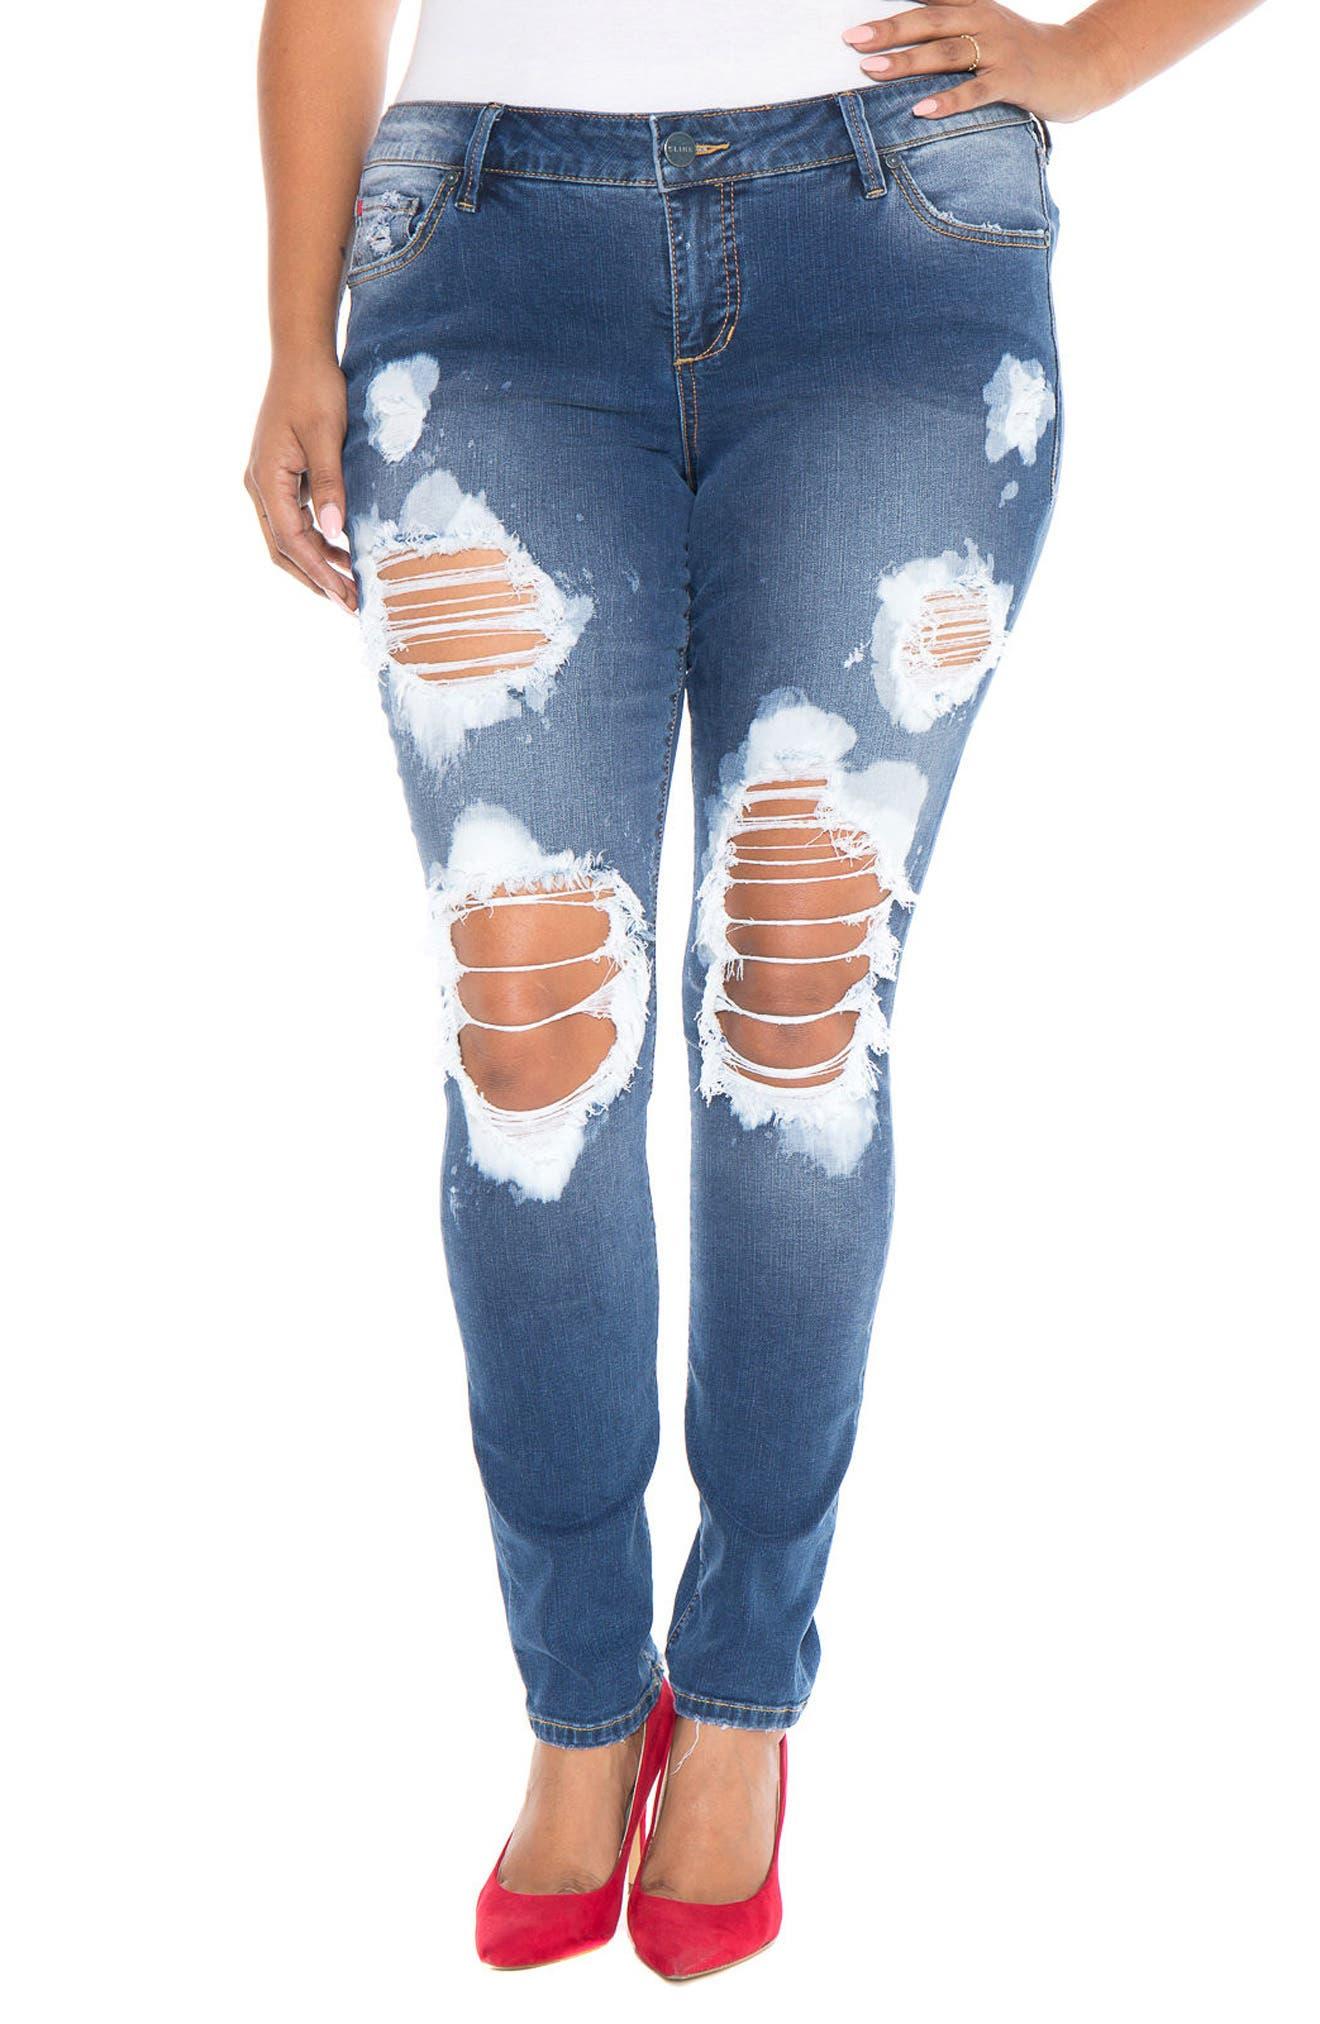 SLINK JEANS SLINK Destroyed Skinny Jeans